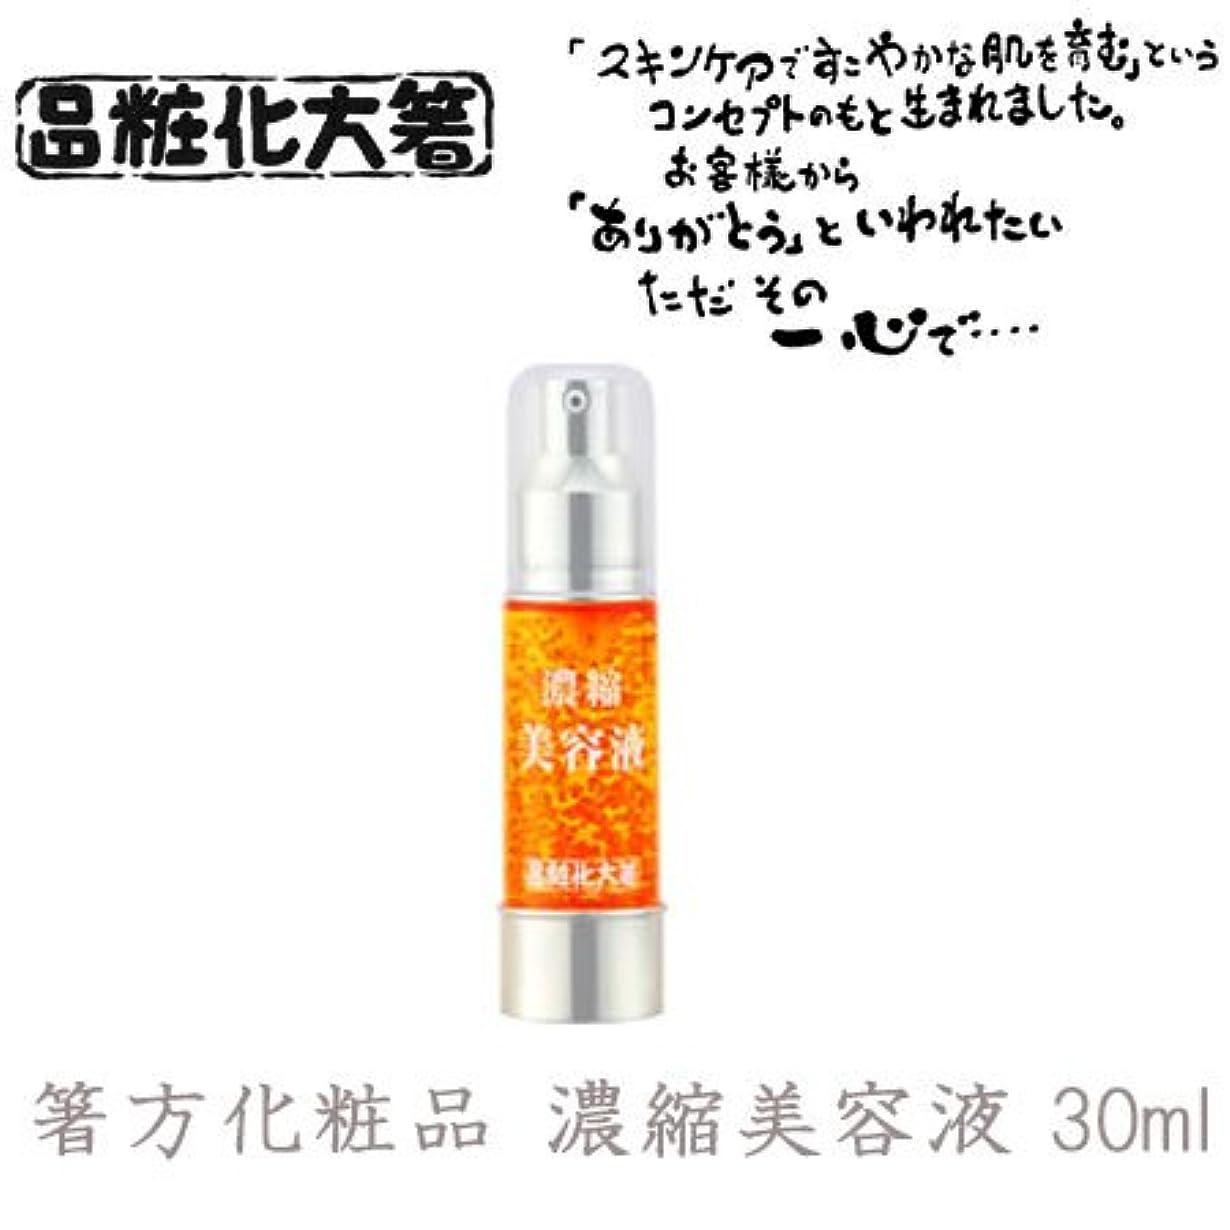 適合抵当医療過誤箸方化粧品 濃縮美容液 30ml はしかた化粧品